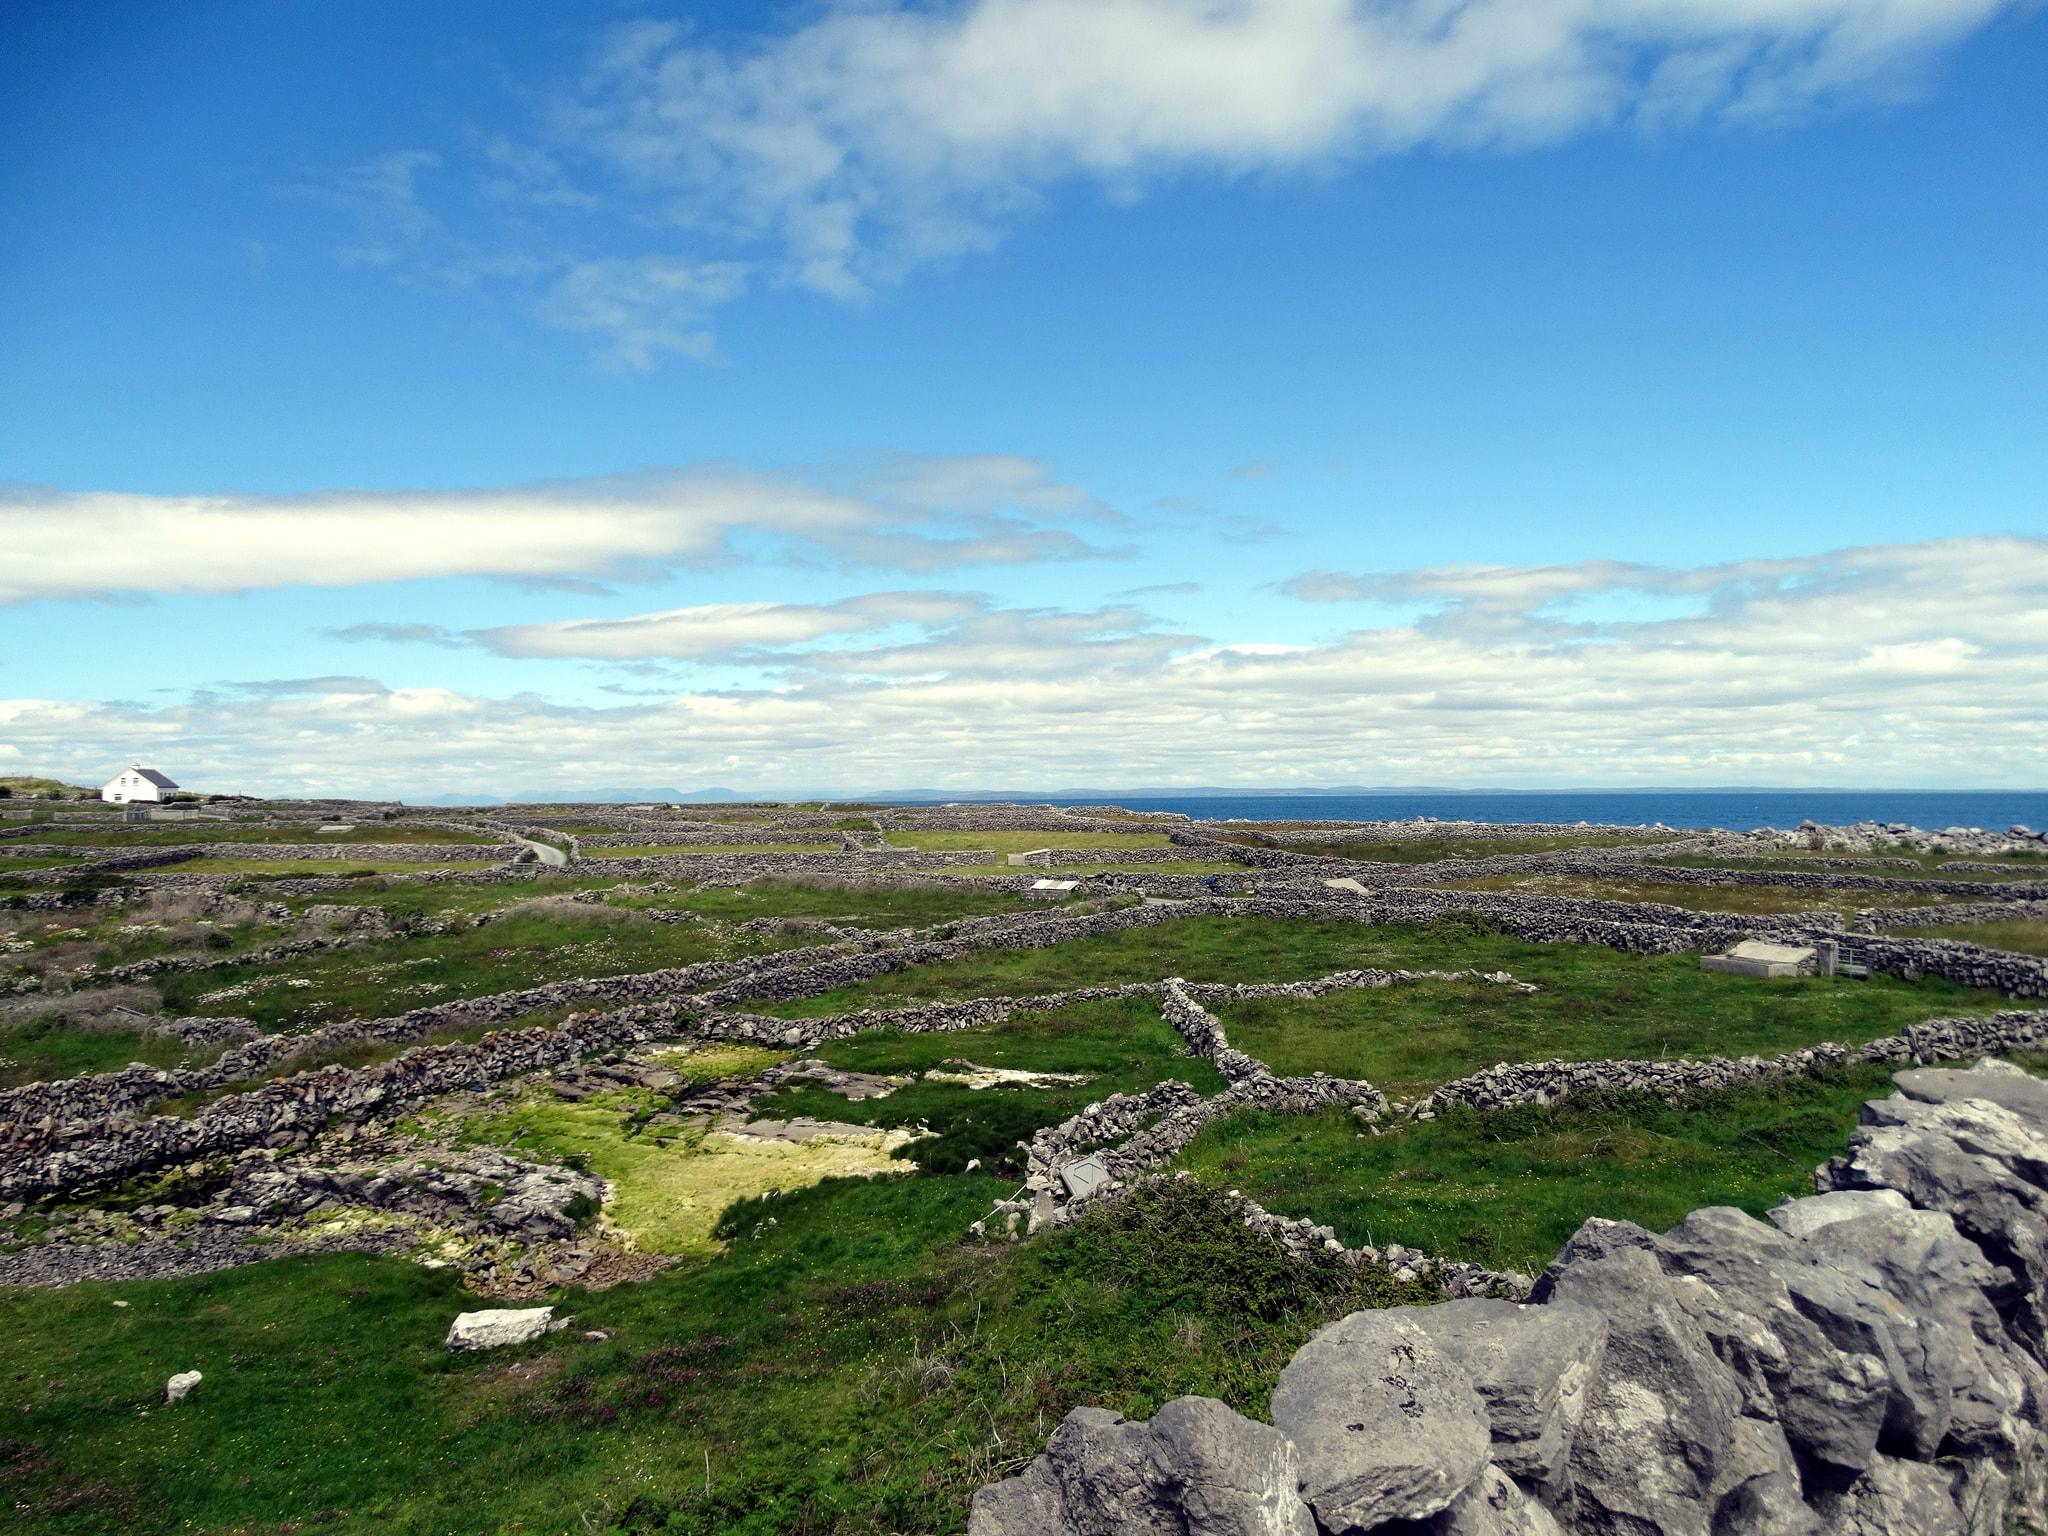 Aran Islands Day Tour from Dublin: Inis Mor and Dun Aonghasa